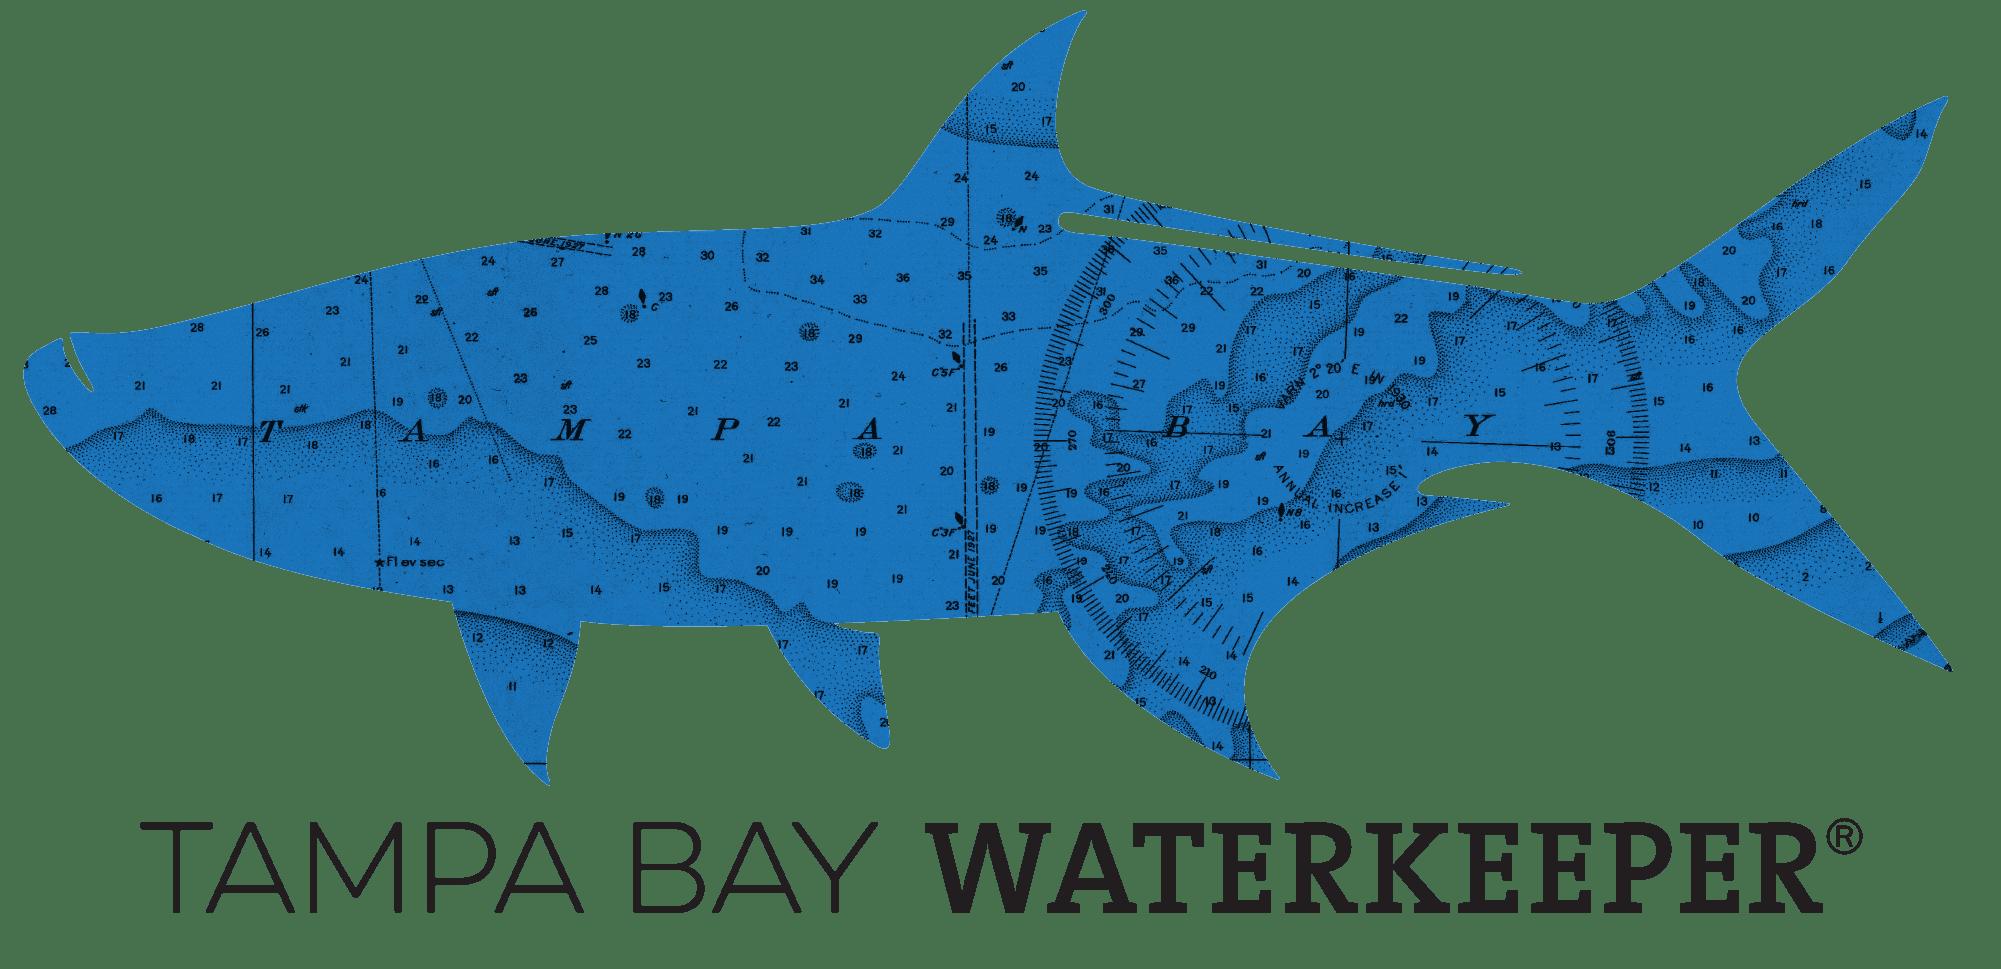 TAMPA BAY WATERKEEPER